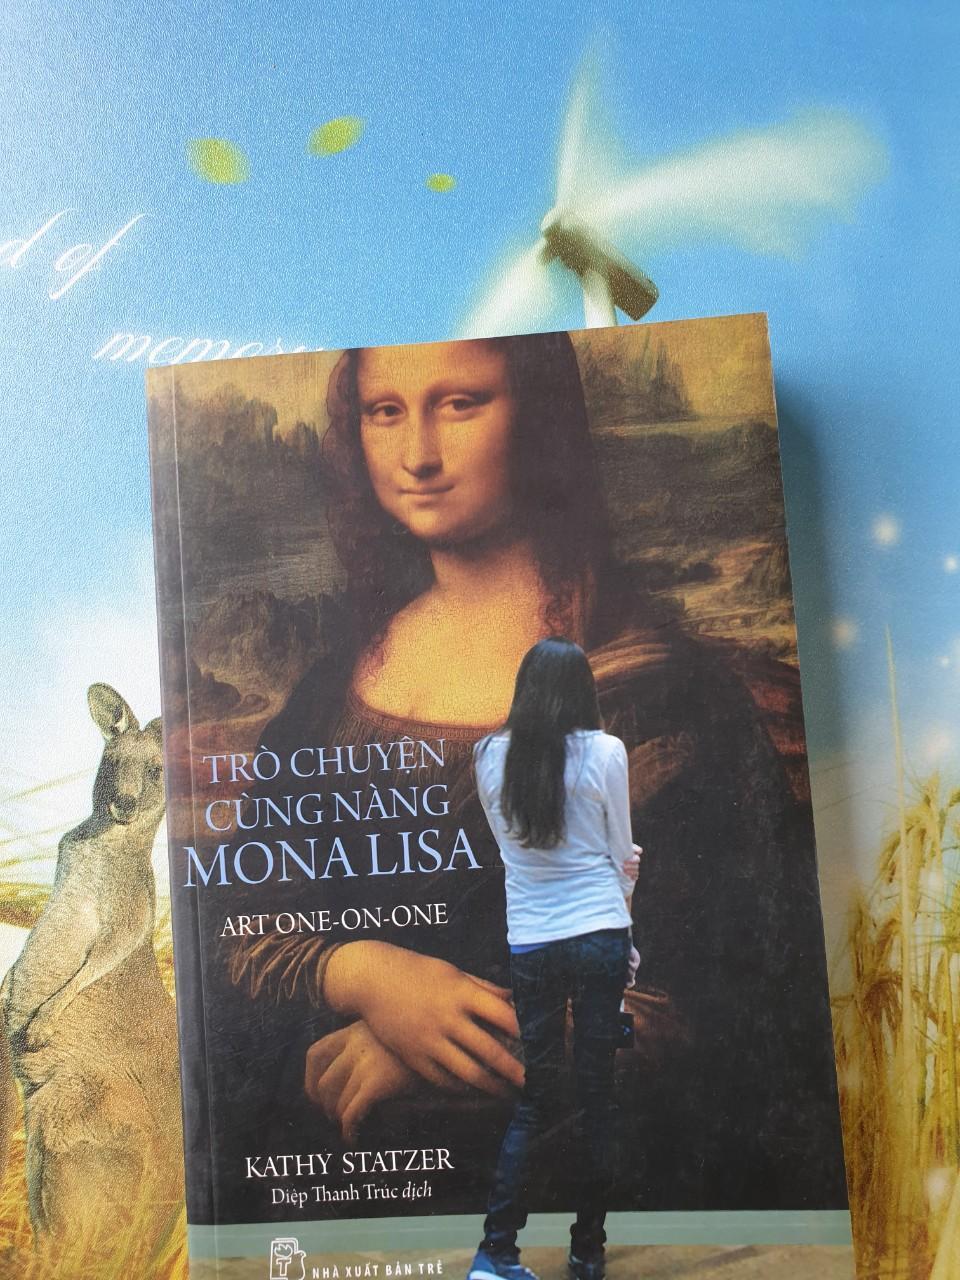 Trò chuyện cùng nàng Monalisa